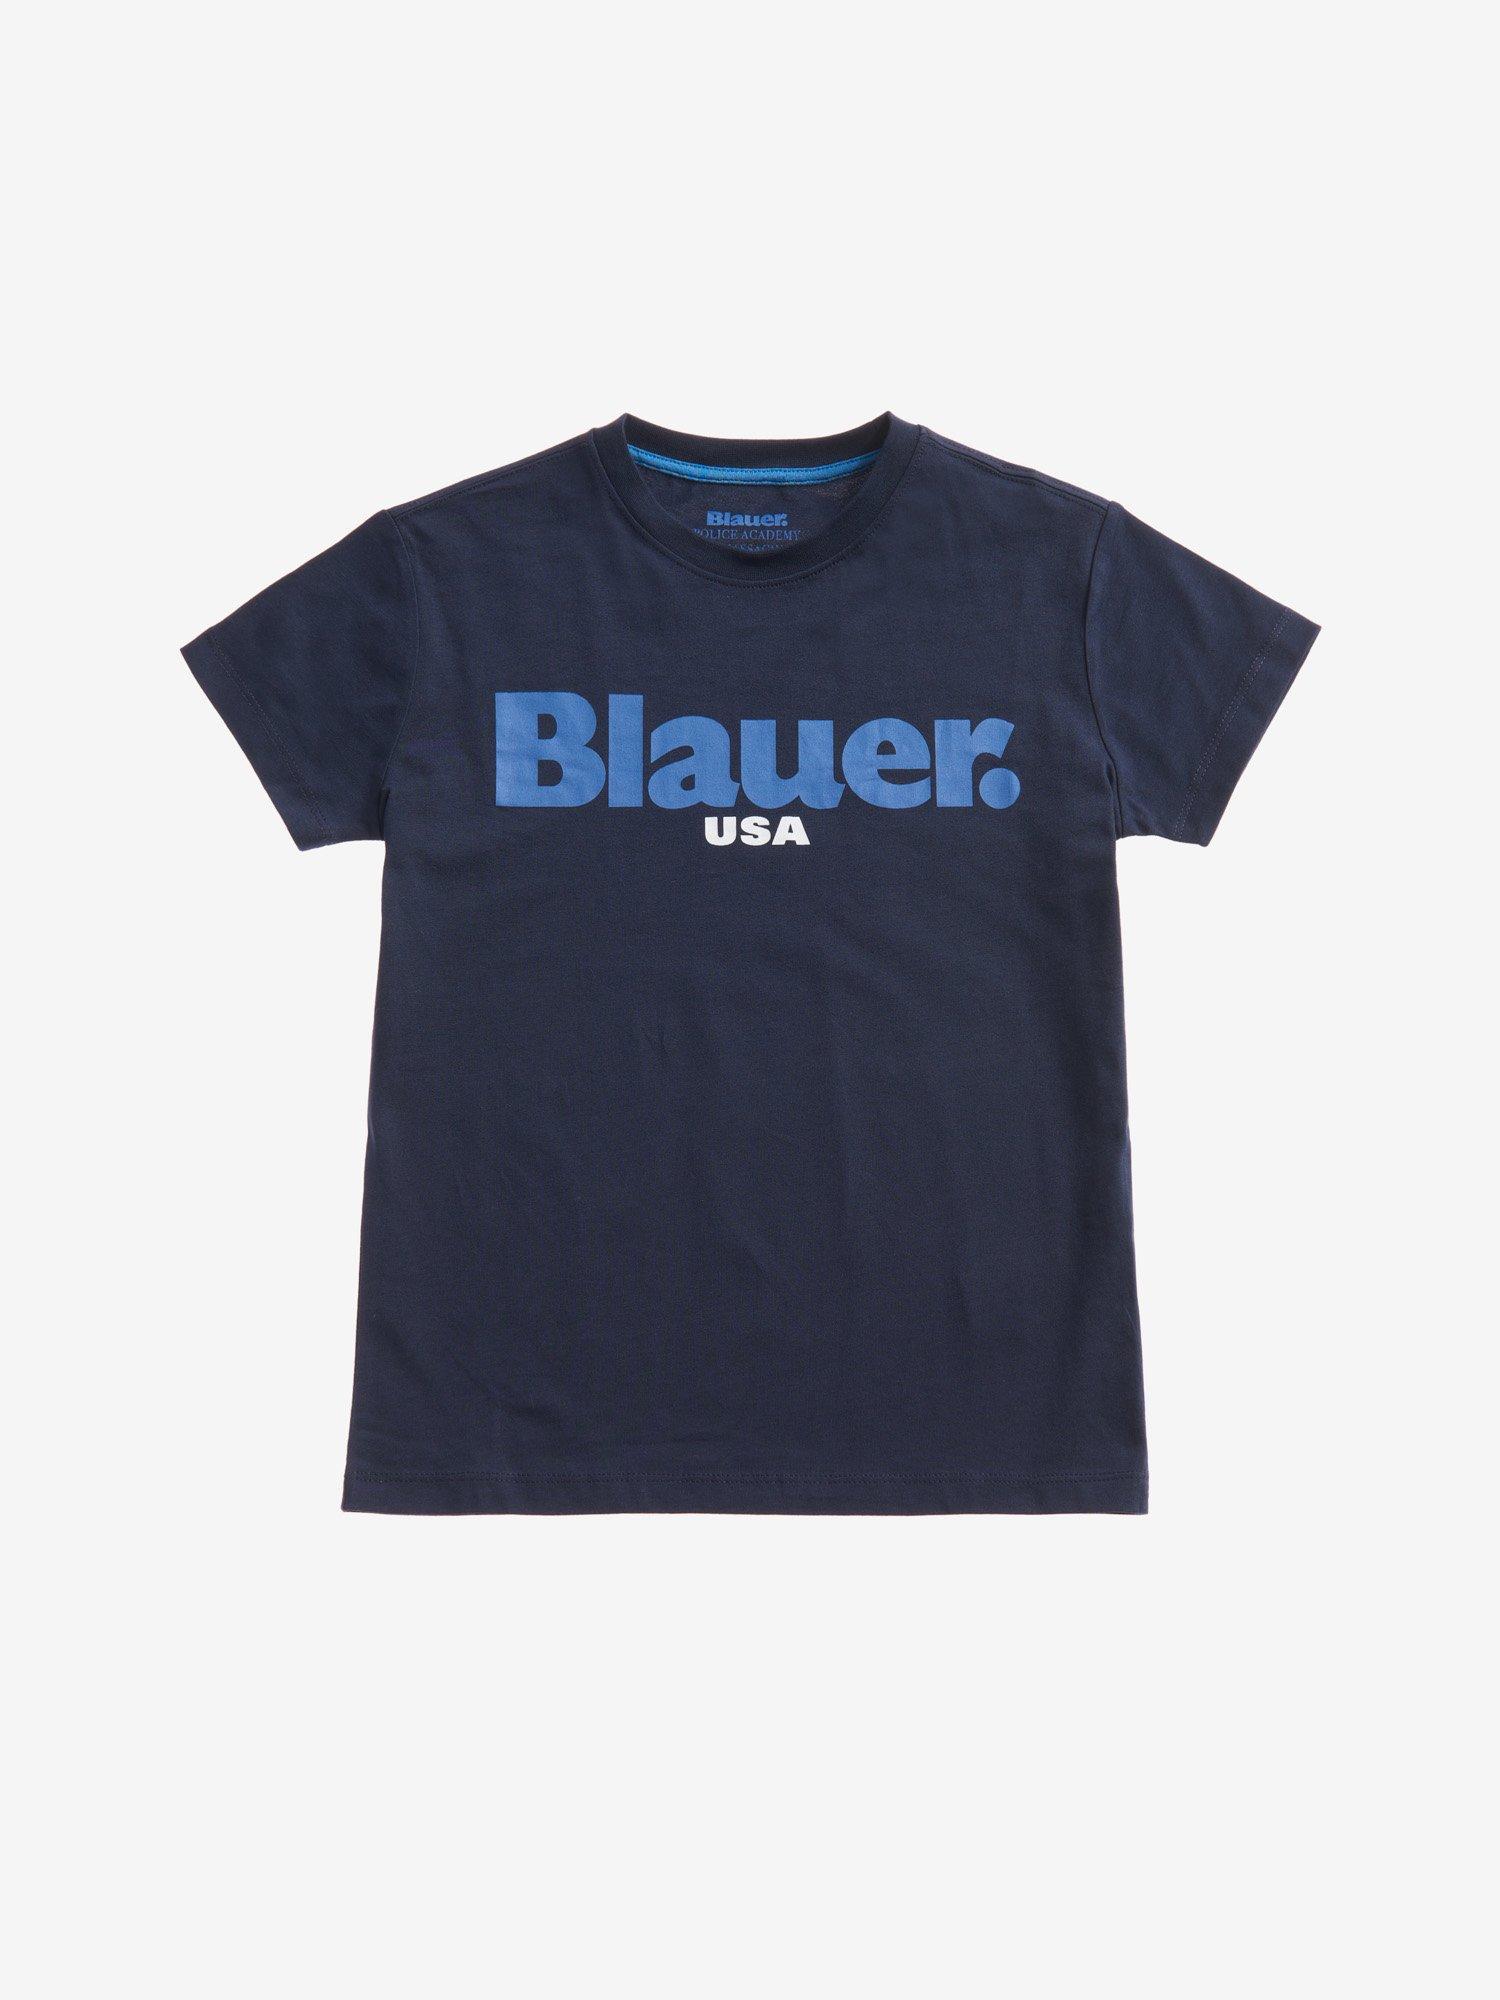 T-SHIRT POUR GARÇON BLAUER USA - Blauer